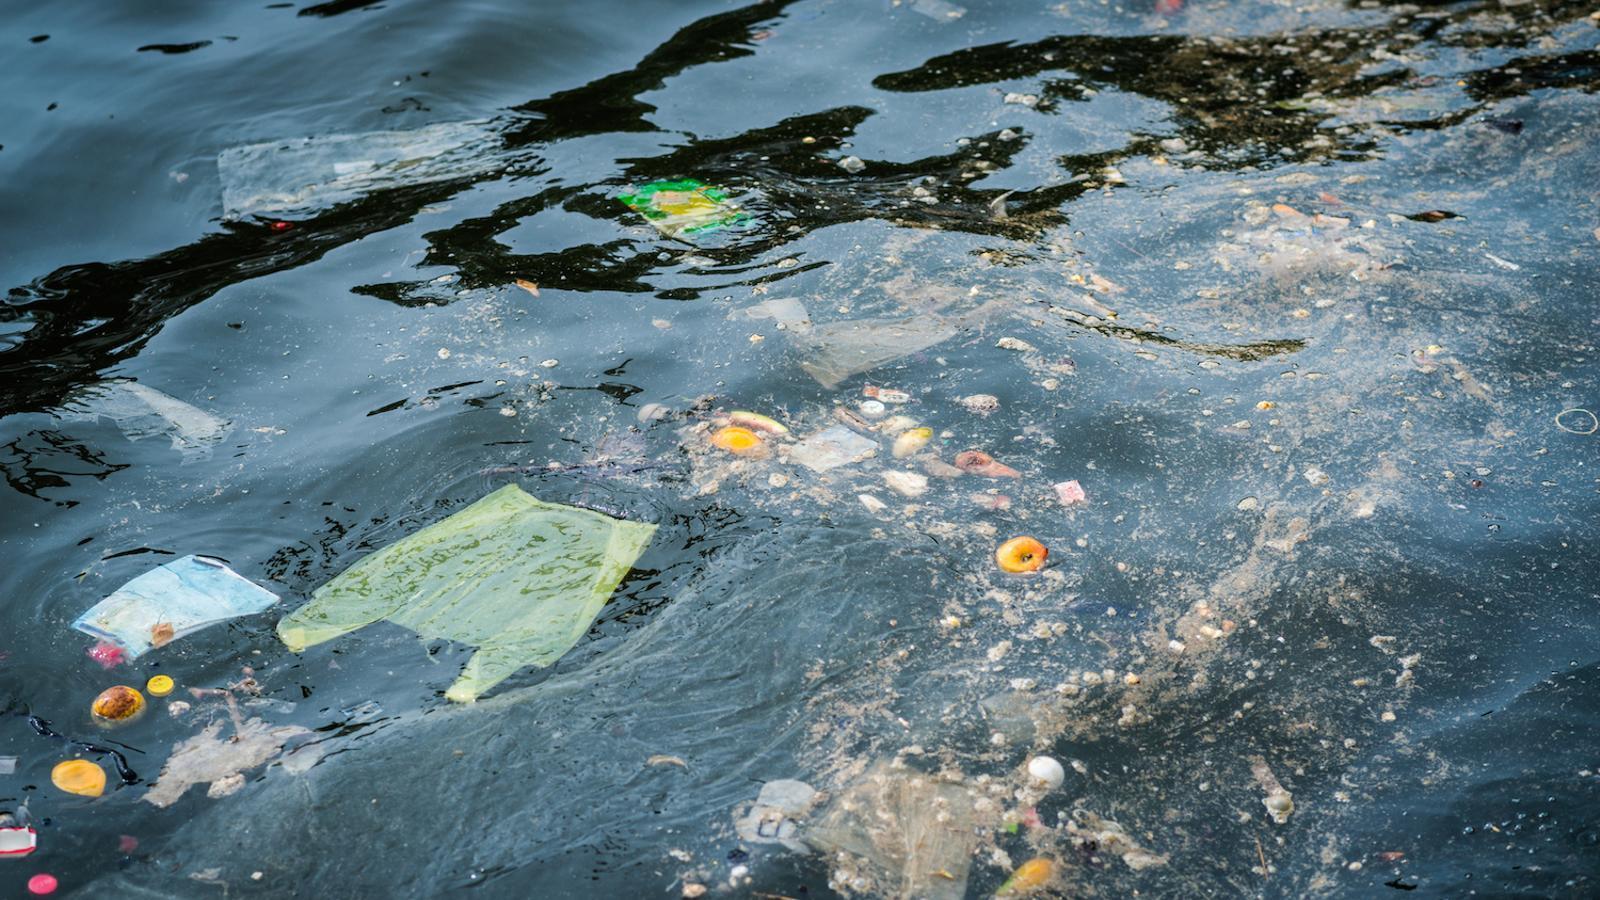 L'illa de plàstics del Pacífic